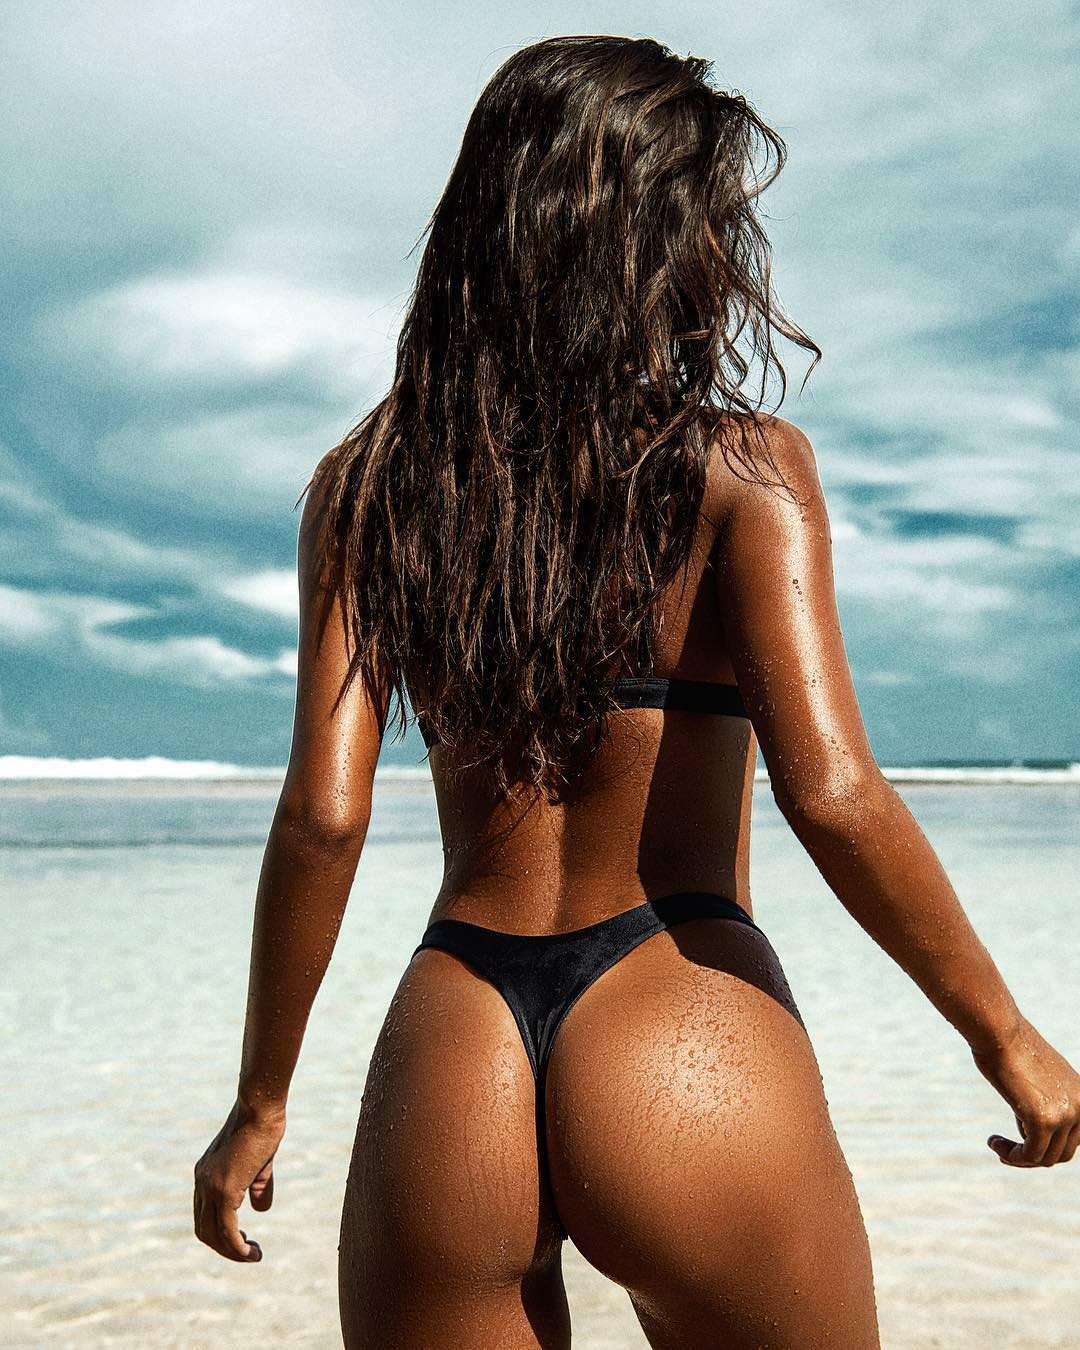 Angelique Cabral Nude nathalya cabral porn pic - eporner